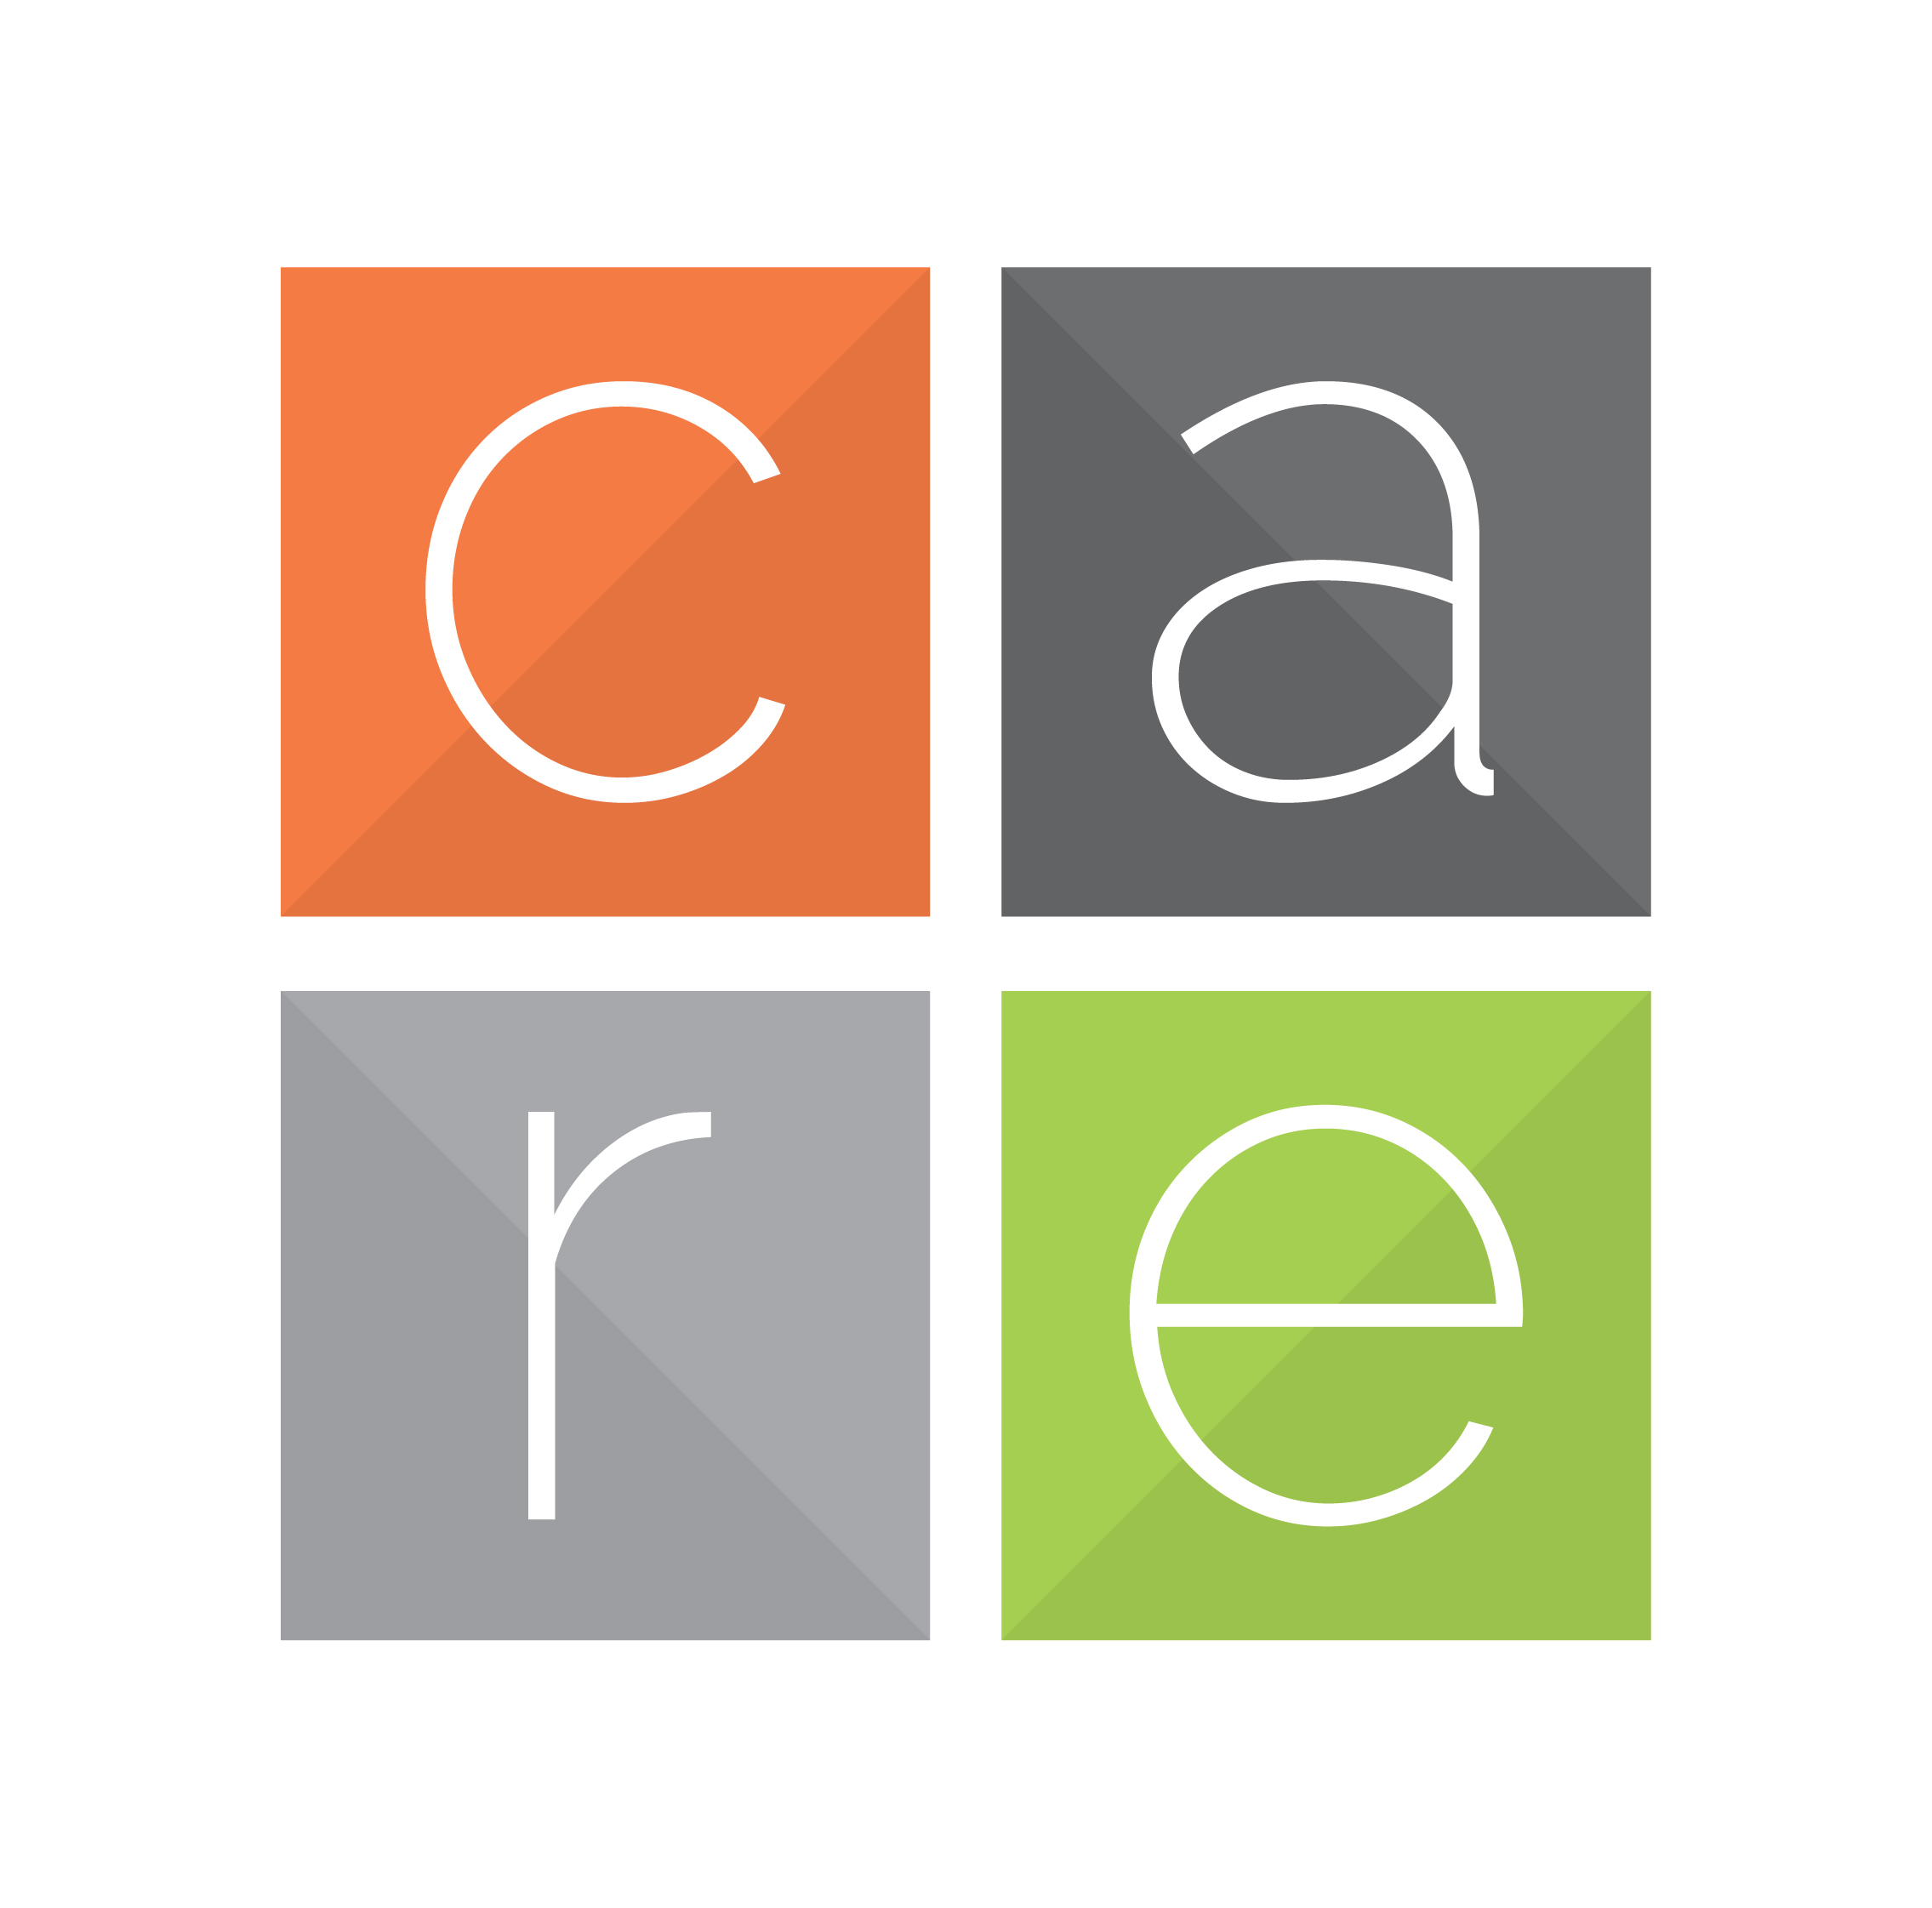 Care Squares no copy-01.jpg